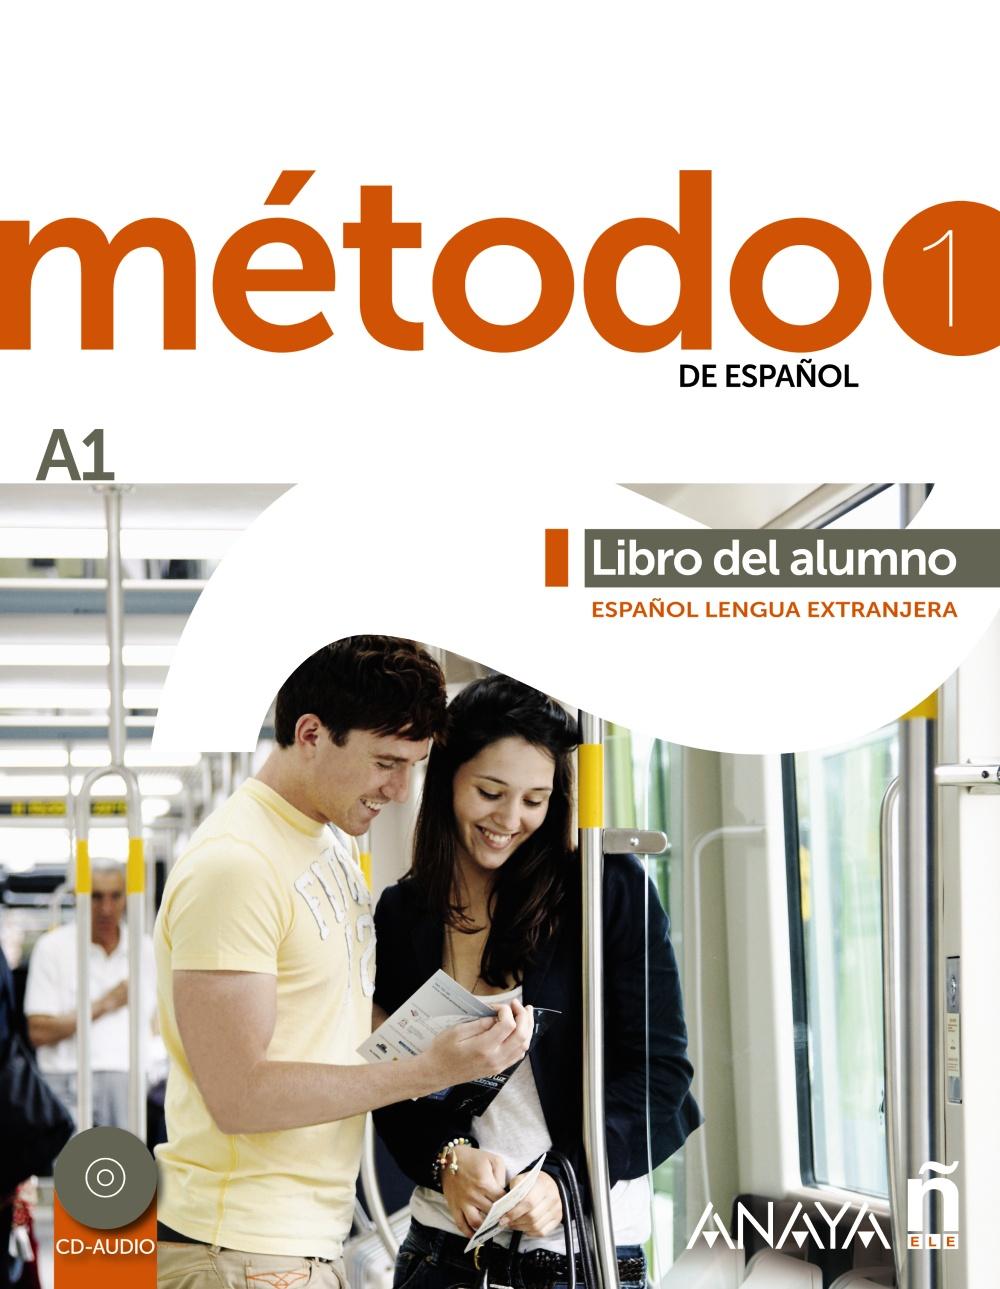 Metodo 1 De Español:libro Del Alumno A1 por Vv.aa.